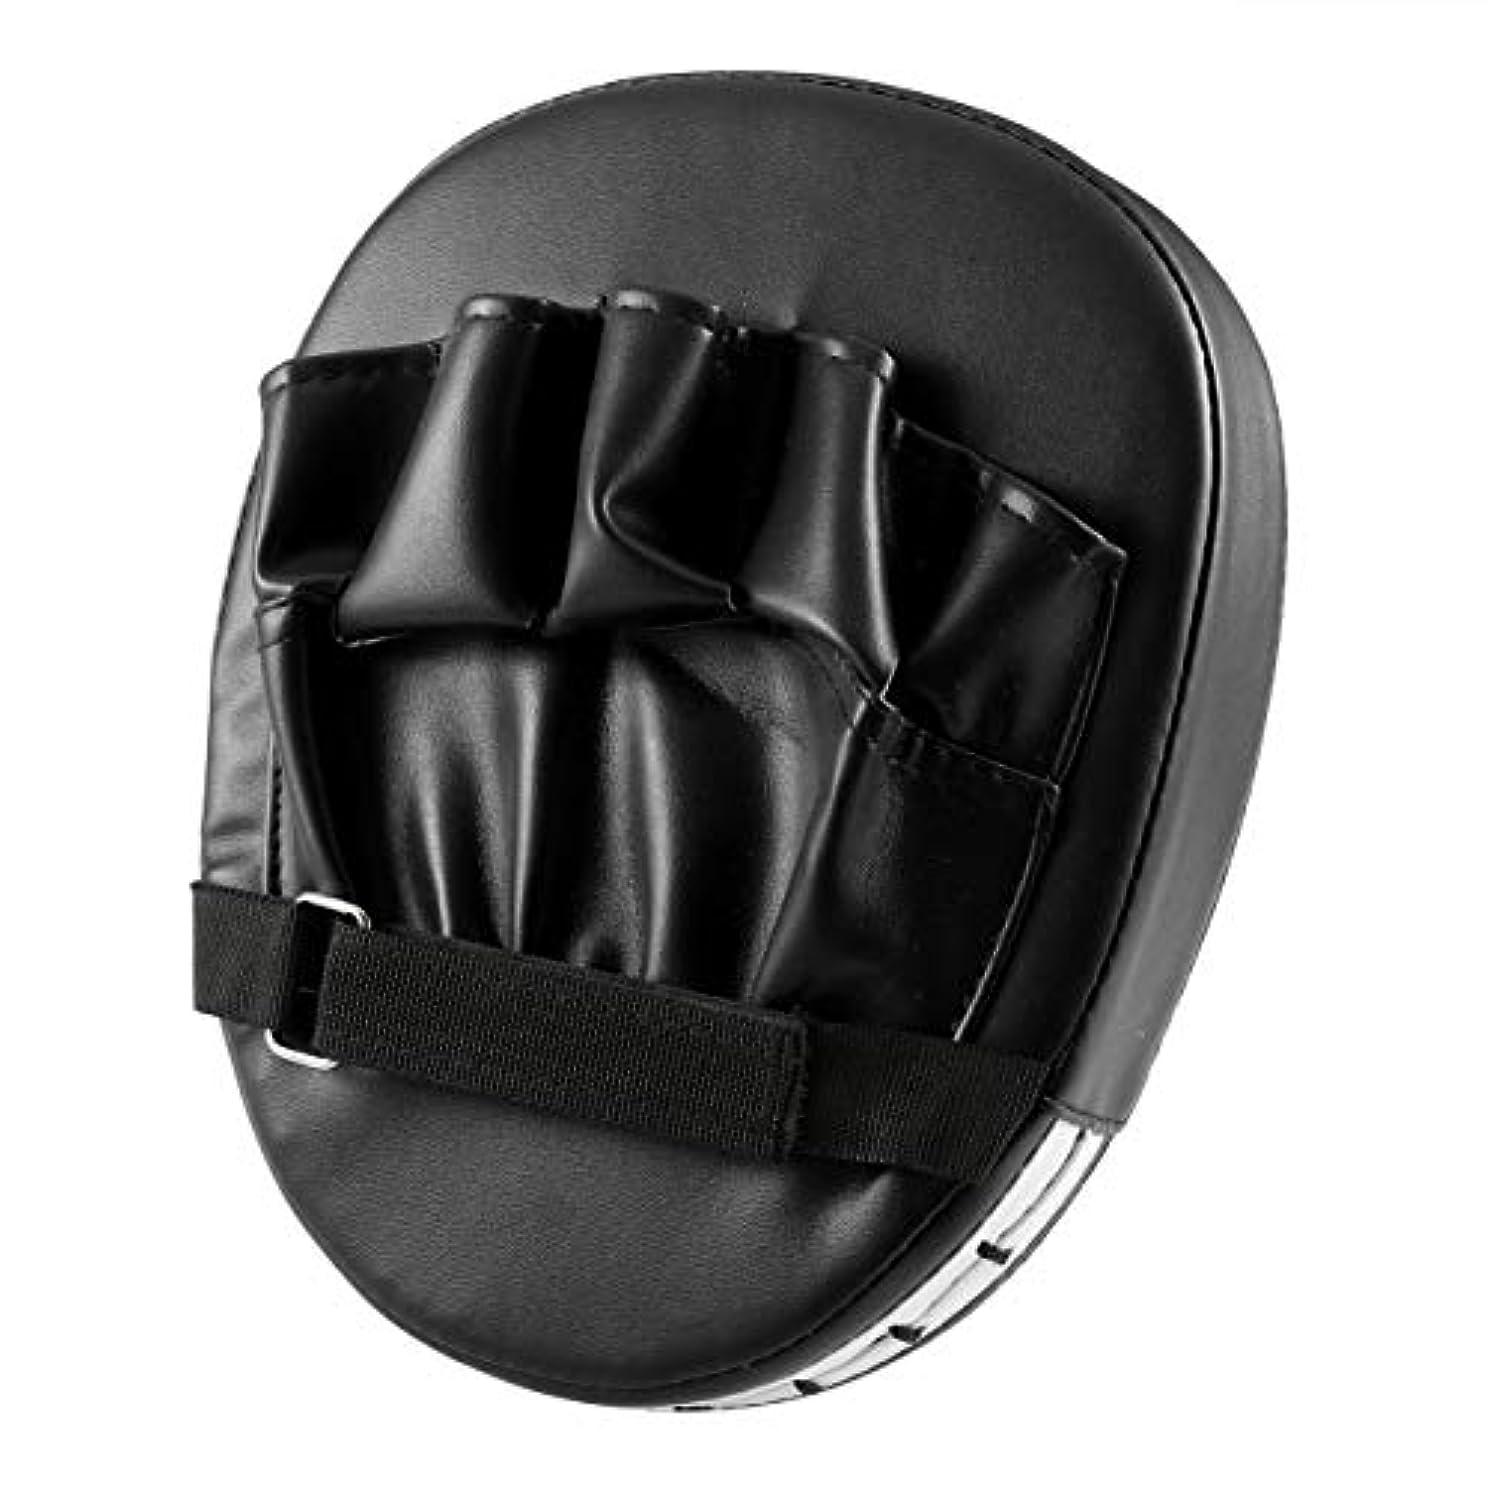 腐敗した扇動準拠DeeploveUU 柔軟なハンドフィストターゲットパッド三田テコンドートレーニングフットムエタイMMAボクシングハンドターゲット空手カンフーパッド